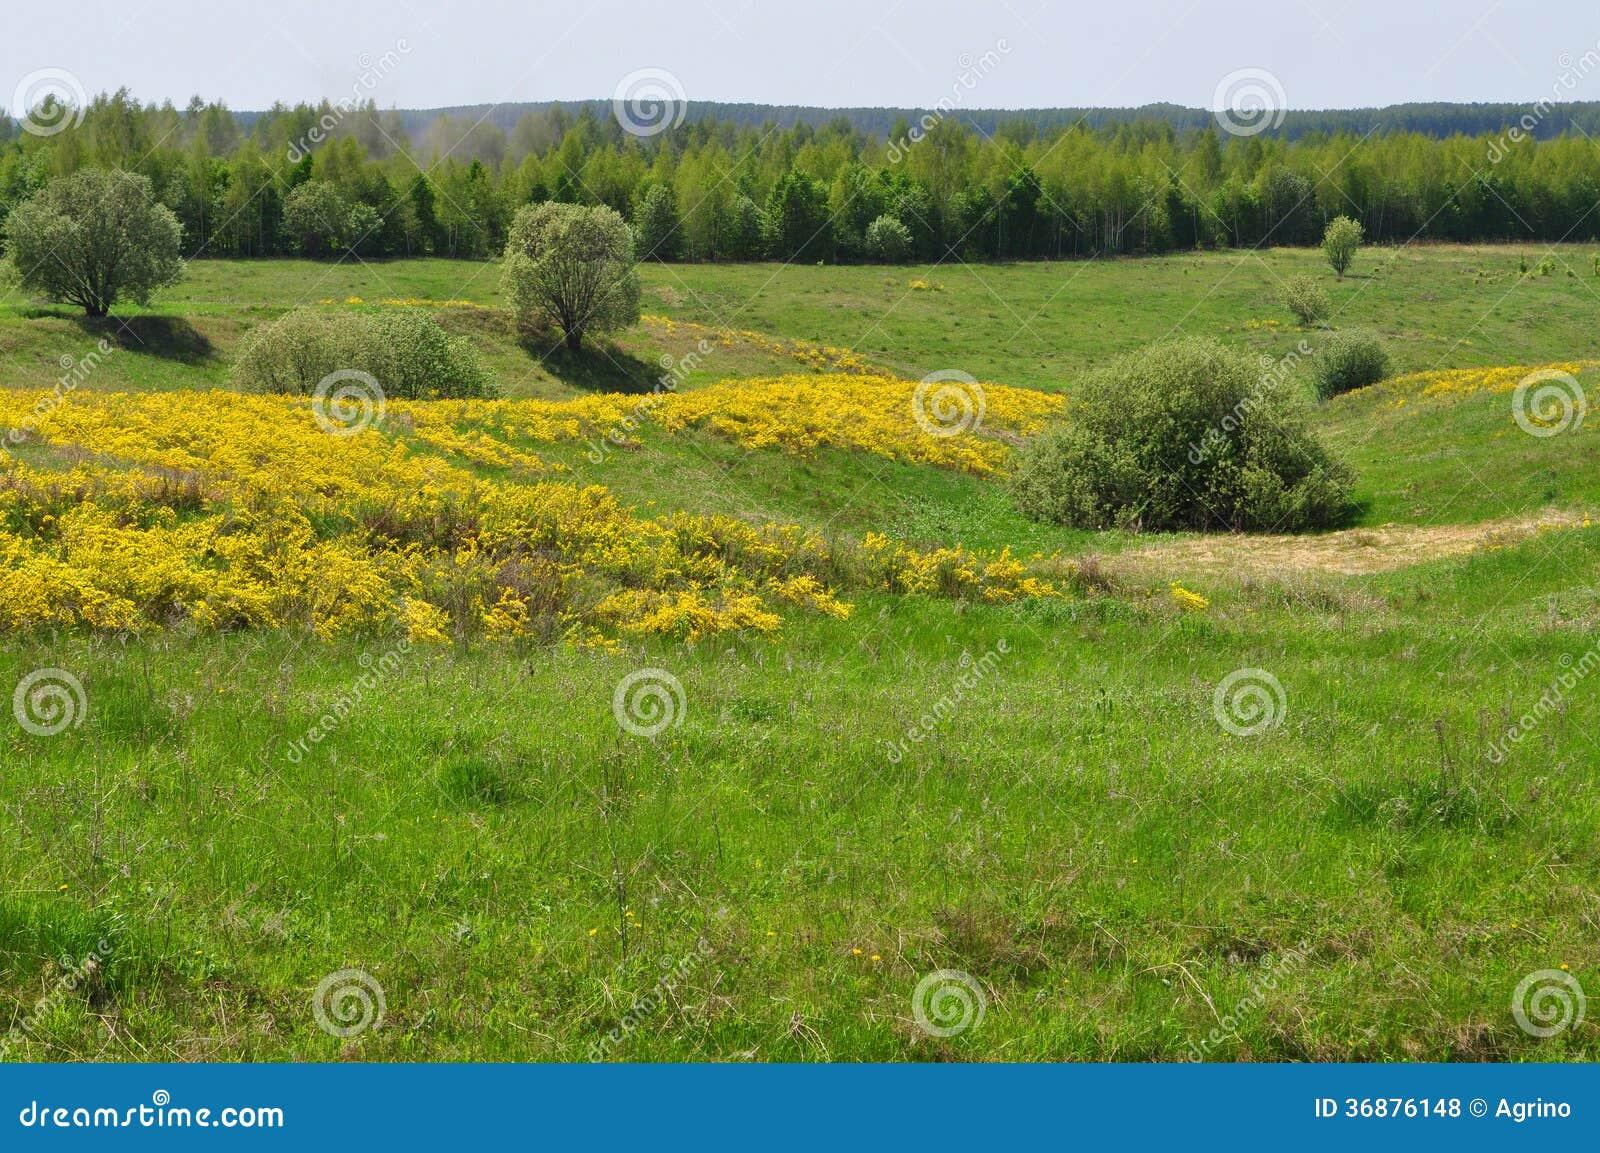 Download Prato con i fiori gialli fotografia stock. Immagine di albero - 36876148